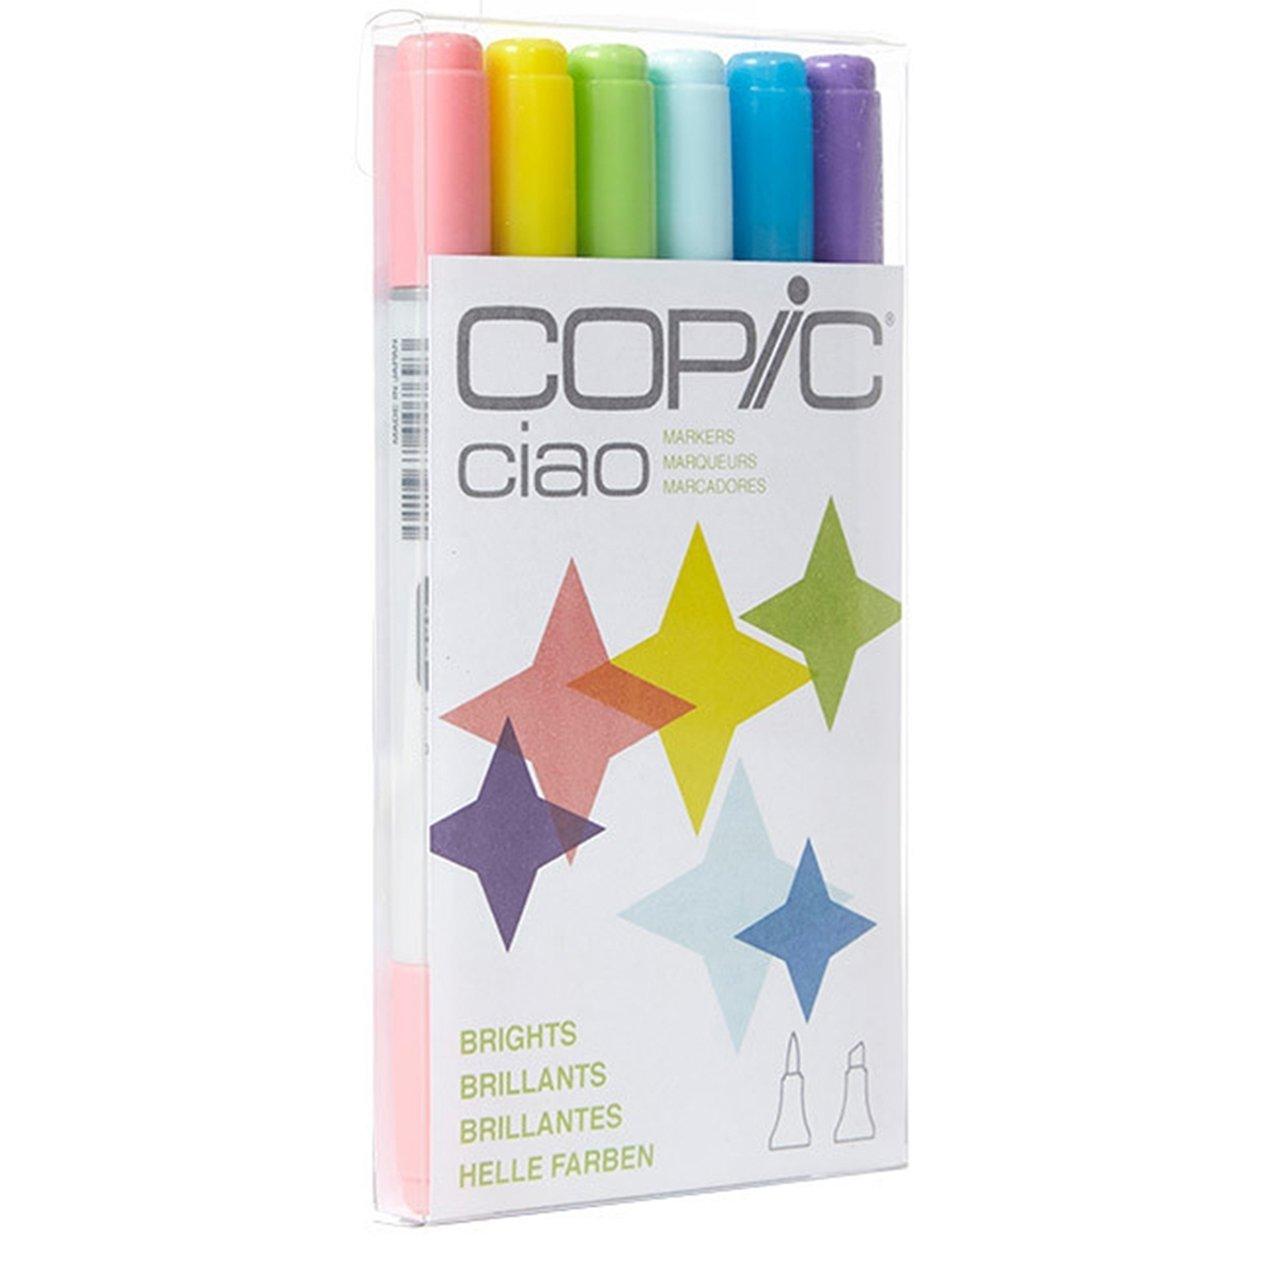 Copic Ciao Bright Set